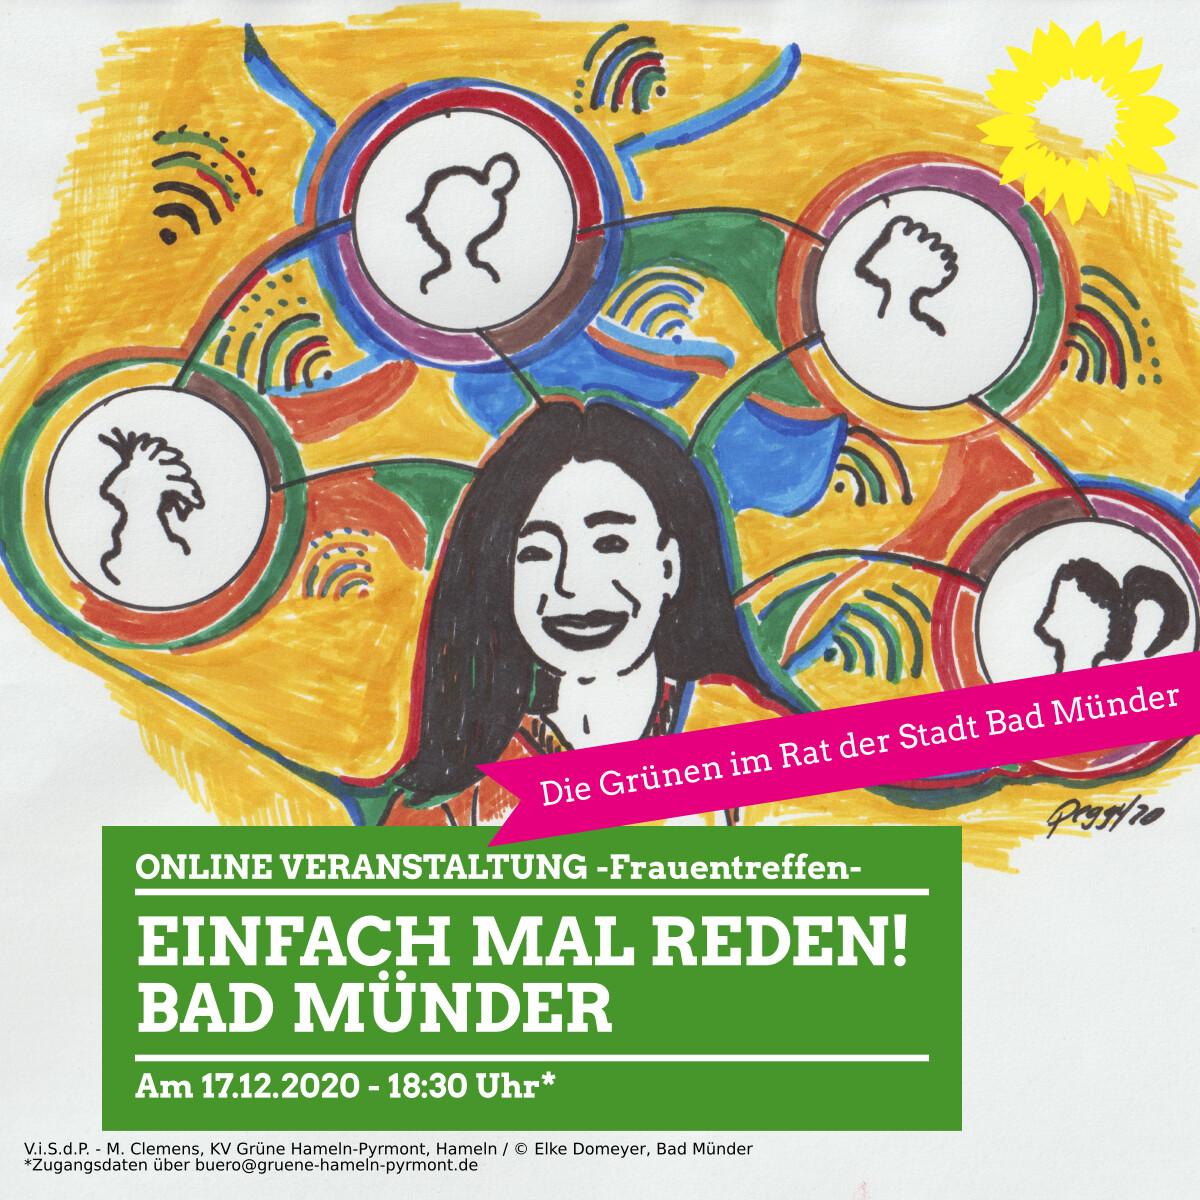 Einladung zum Frauentreffen – einfach mal reden!  Online Veranstaltung am 17.12.2020 – 18:30 Uhr